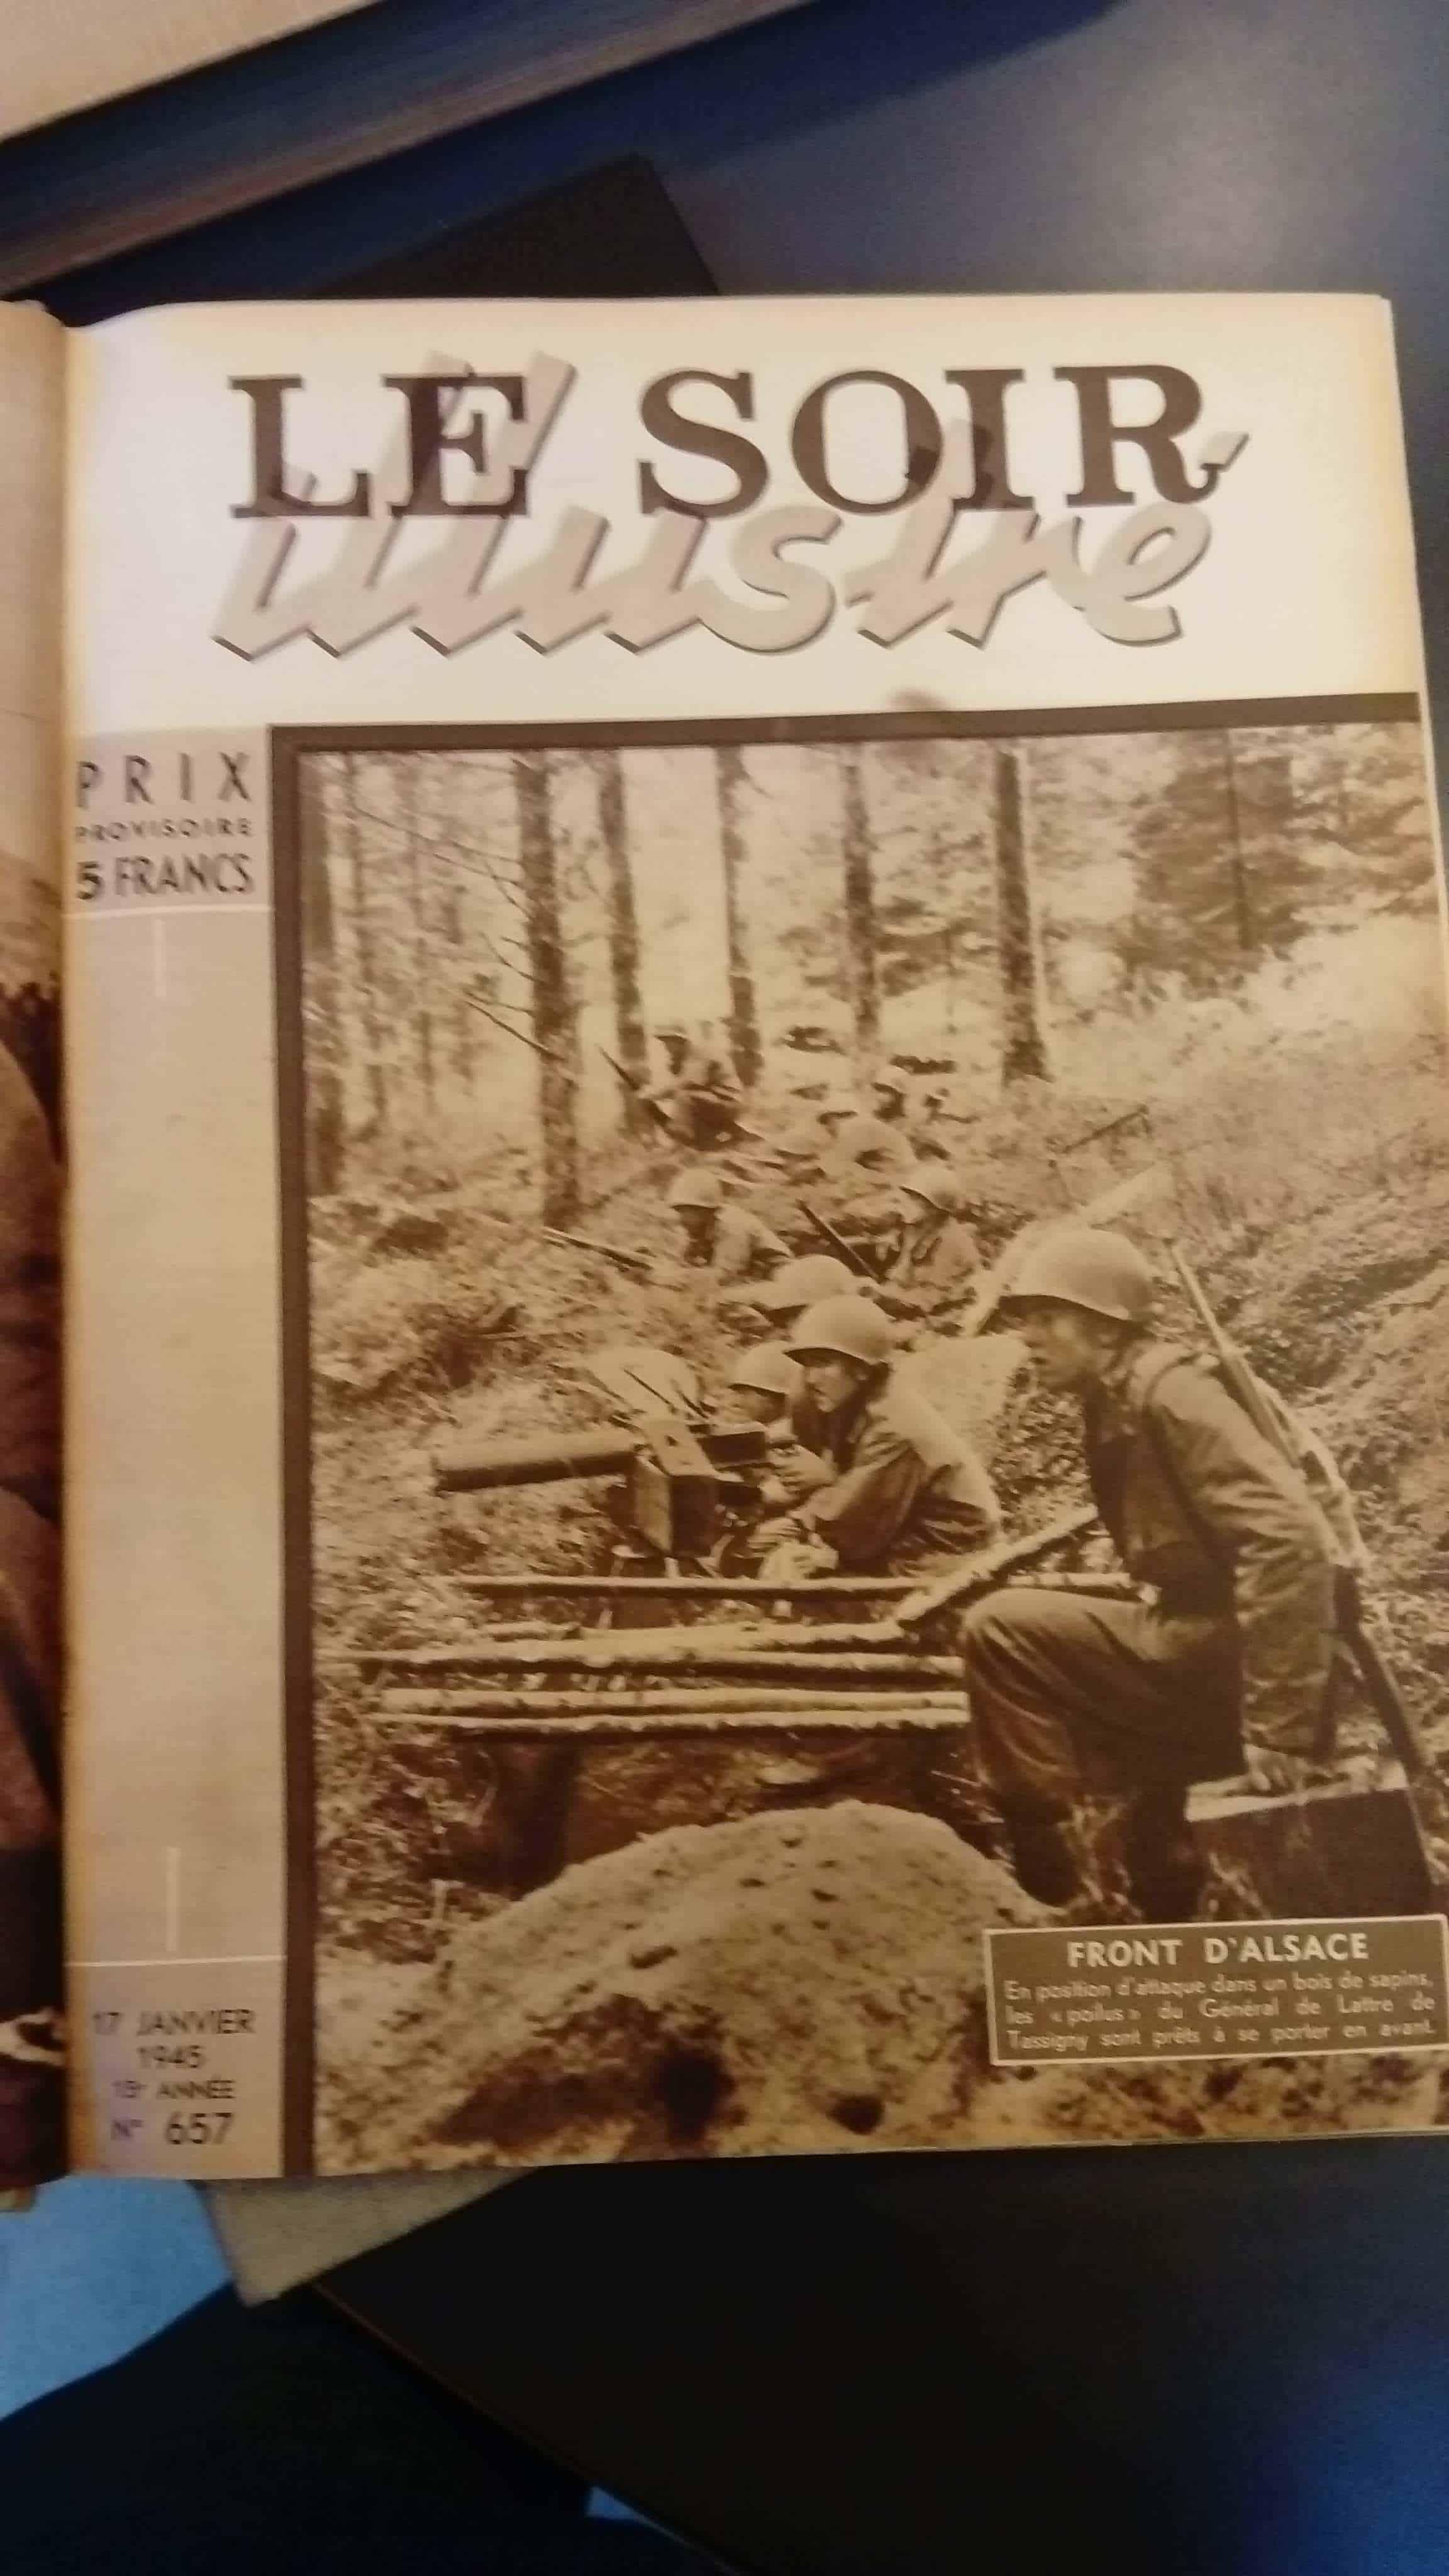 Une couverture du magazine Le Soir Illustré... qui rappelle notre 1er numéro de 1944. Non ?